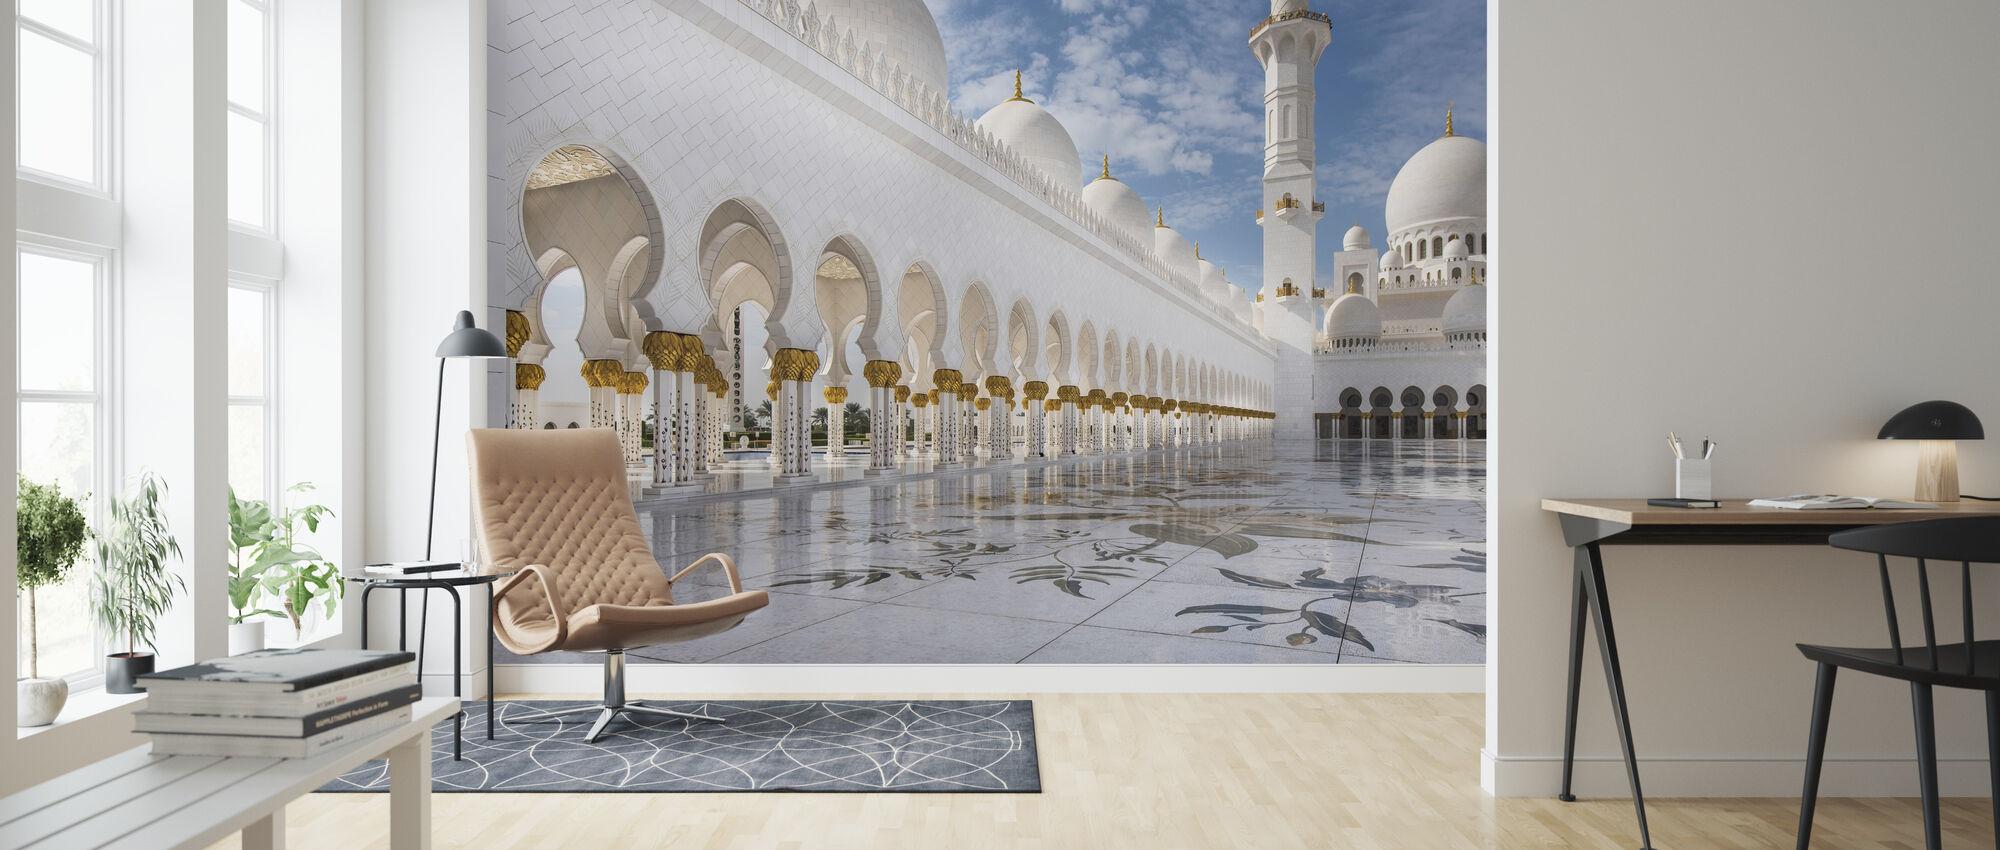 Orient Mosque - Wallpaper - Living Room